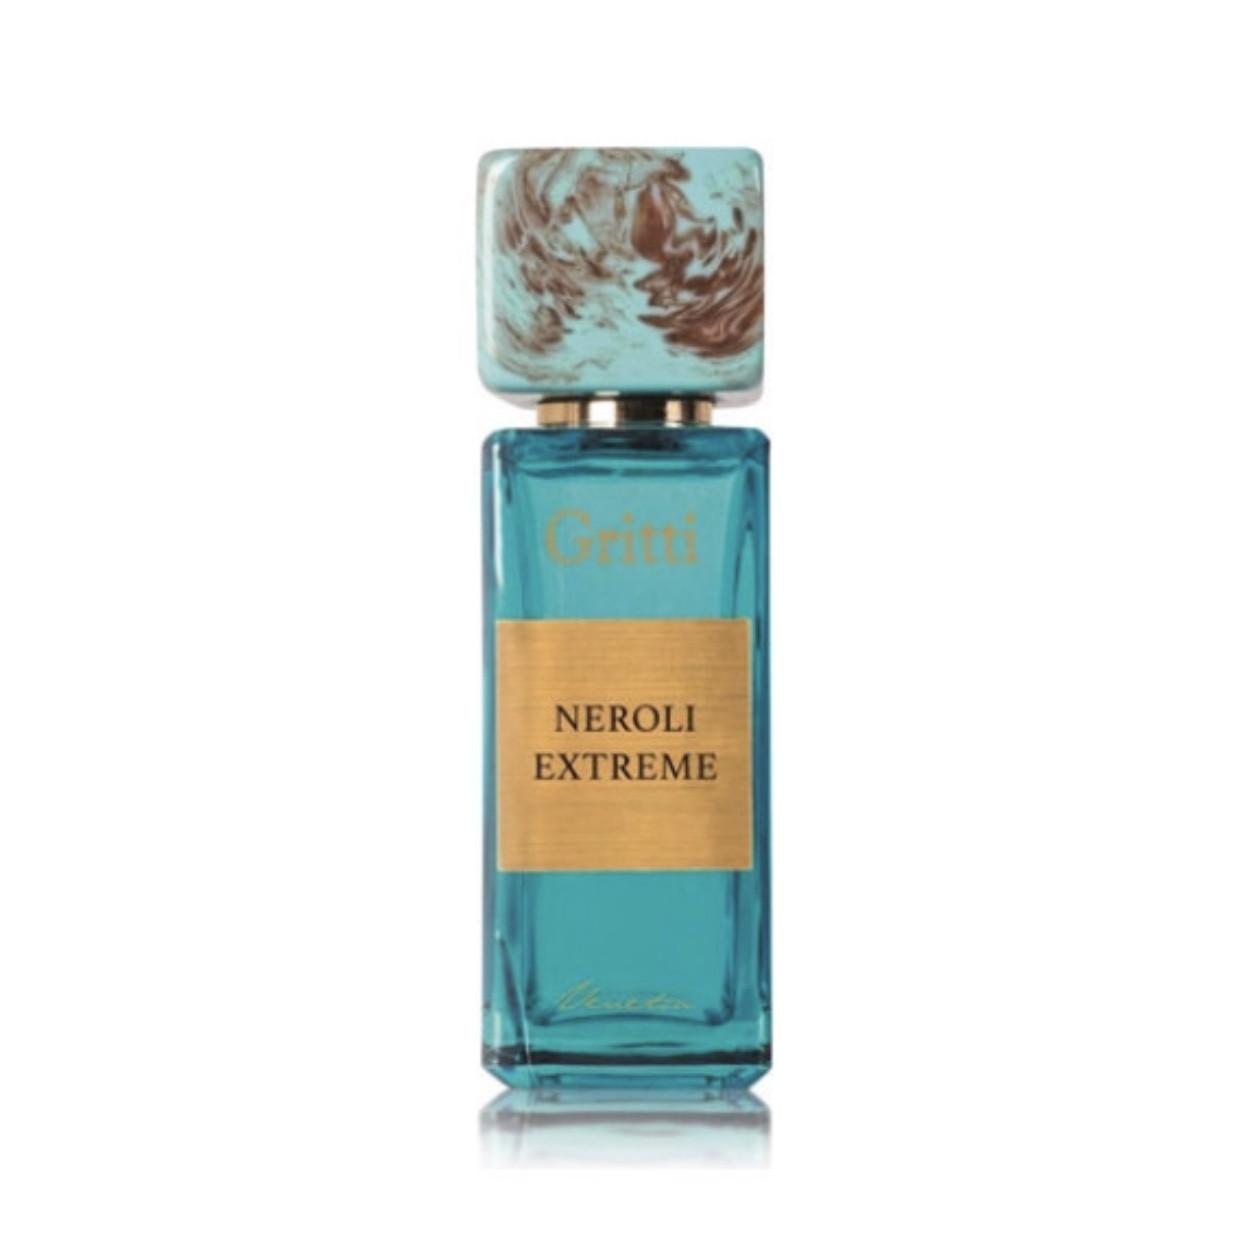 Цитрусові духи з амброю унісекс GRITTI Neroli Extreme (Грітті Неролі Екстрім) парфумована вода 100ml